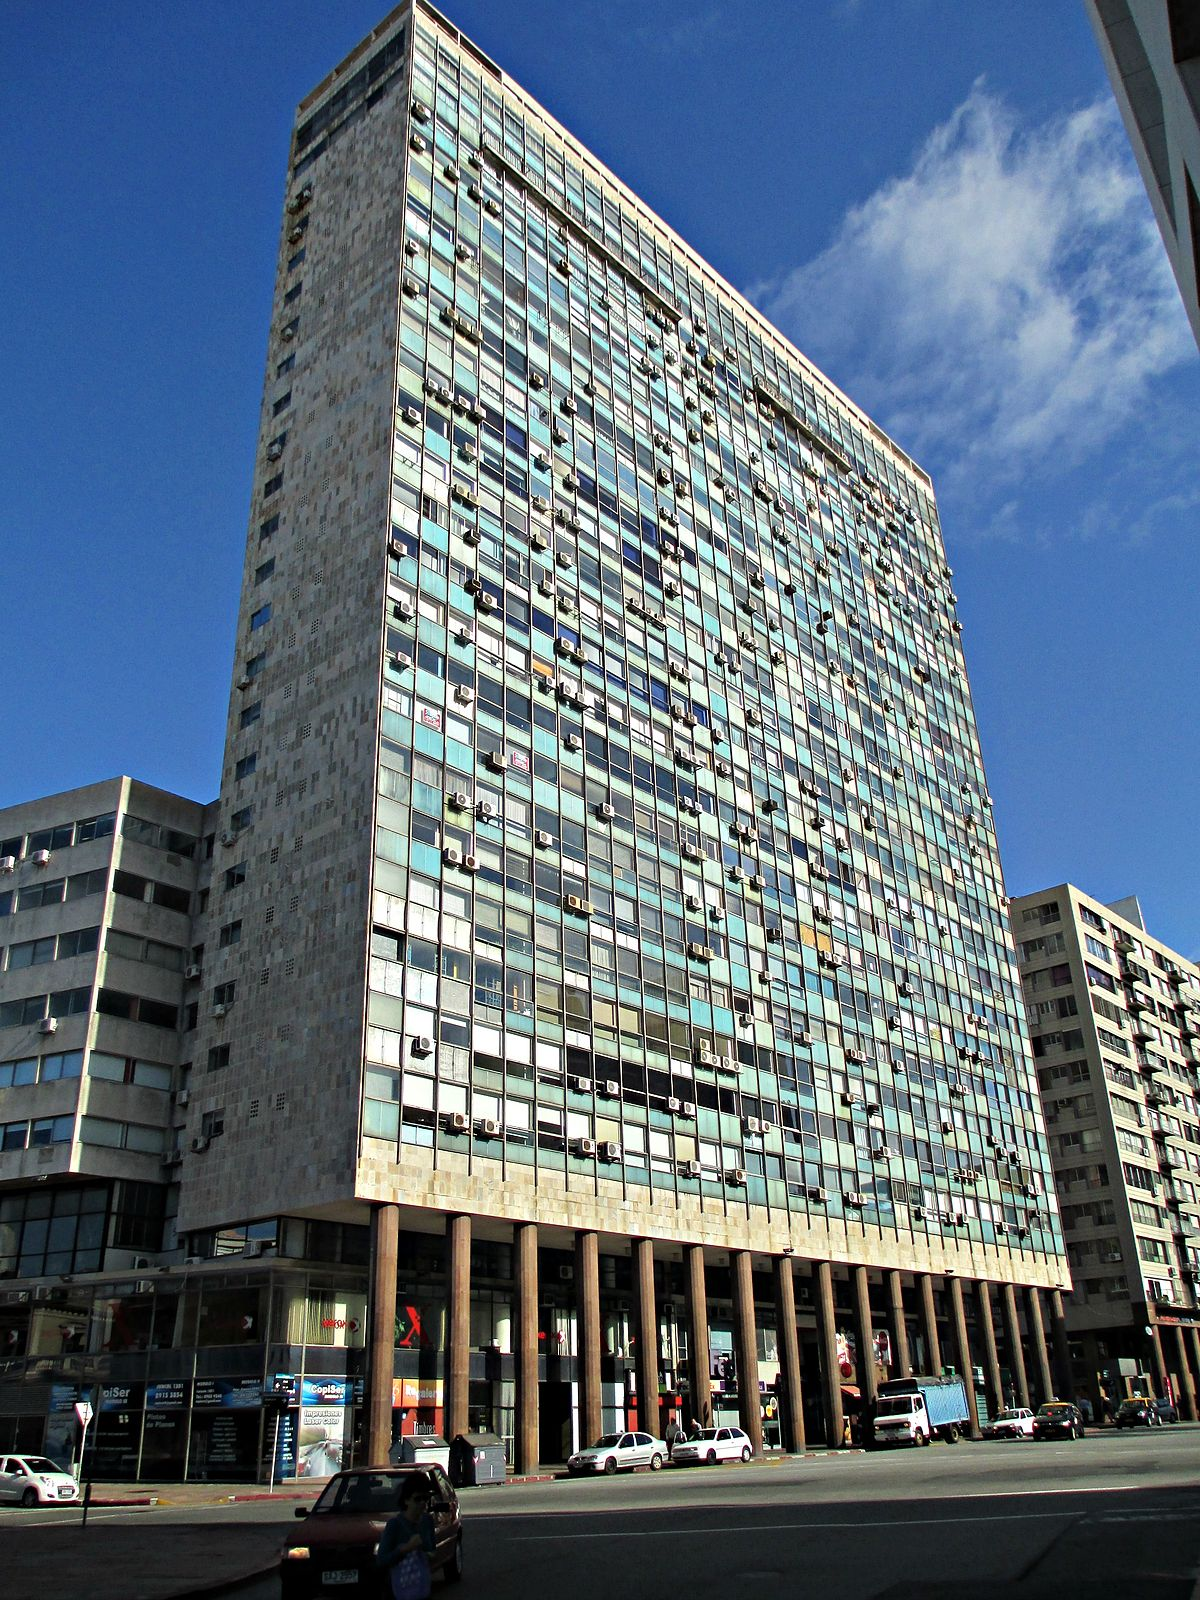 Edificio ciudadela wikipedia la enciclopedia libre for Que es arquitectonico wikipedia